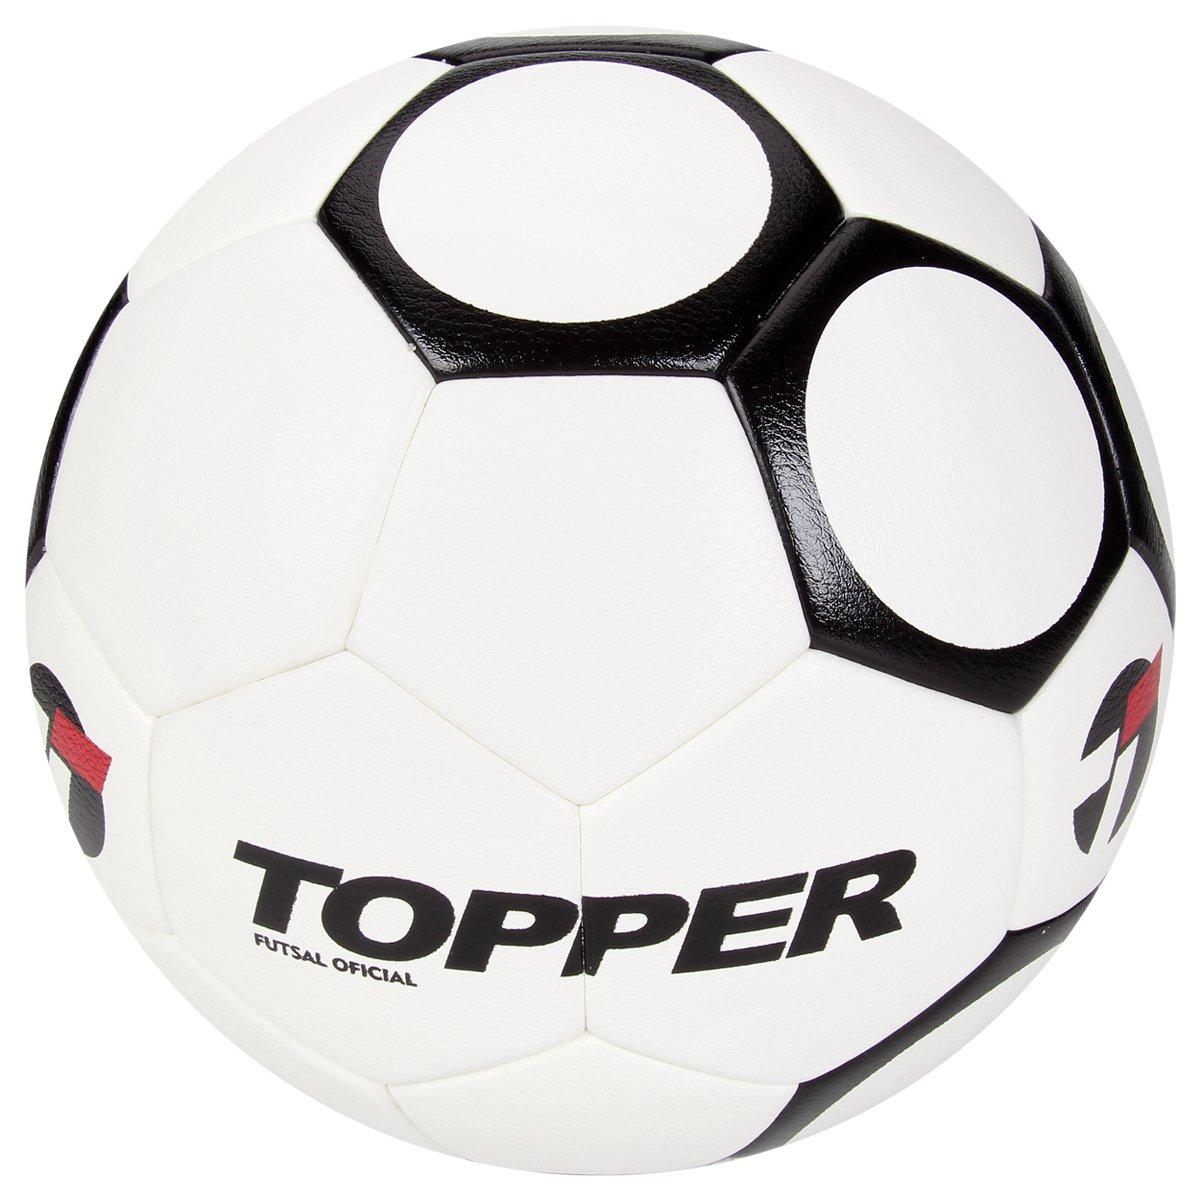 Bola Futsal Topper 90S  Bola Futsal Topper 90S cbded57d0bffd